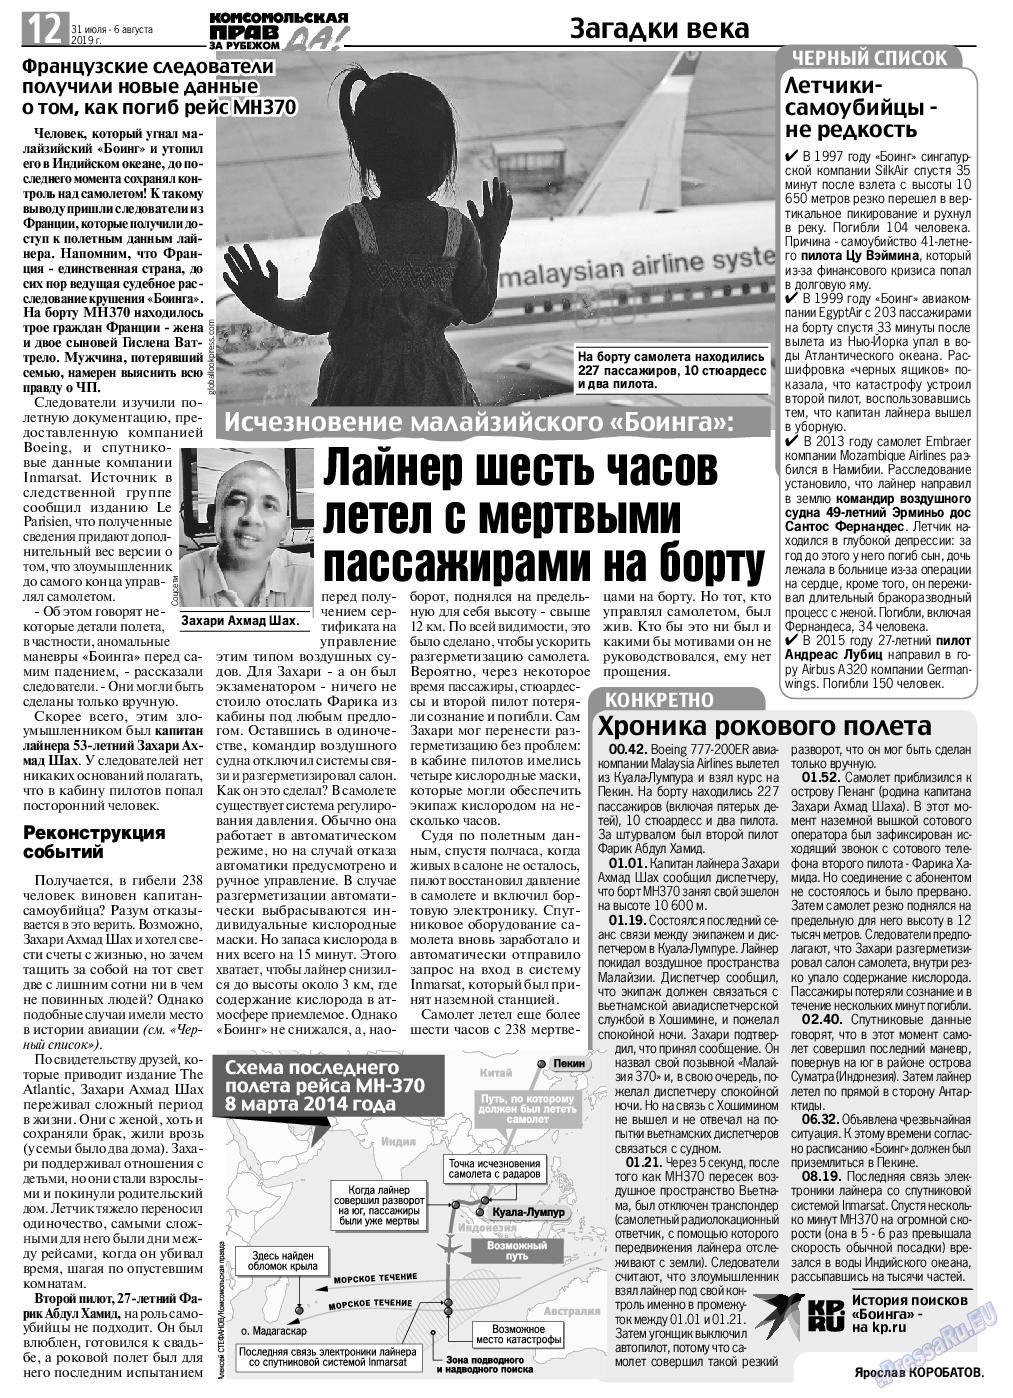 КП в Европе (газета). 2019 год, номер 31, стр. 12